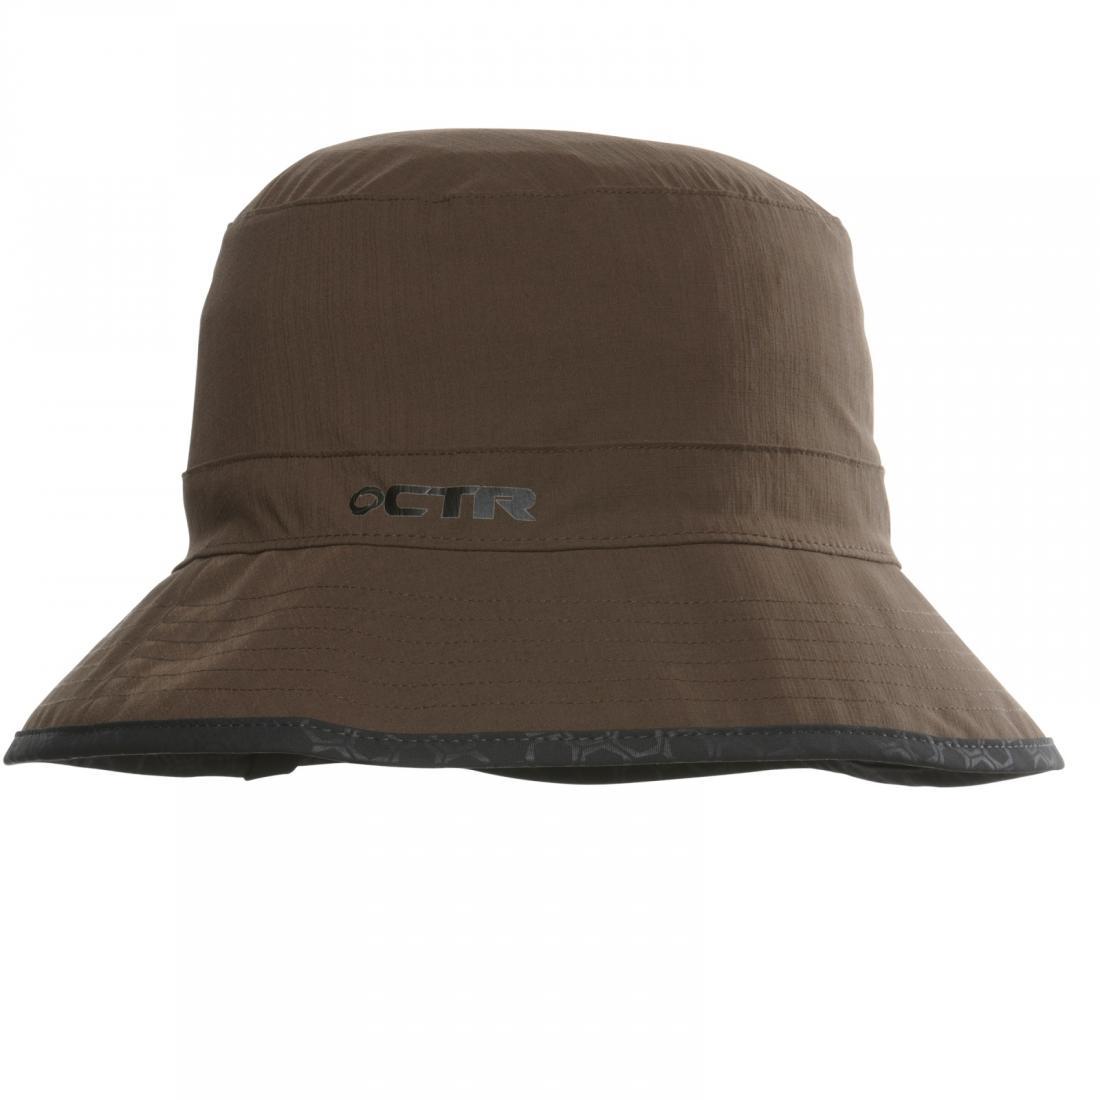 Панама Chaos  Summit Bucket HatПанамы<br><br> Классическая мужская панама Summit Bucket Hat от Chaos — это оптимальное решение для рыбалки и туризма. Легкая и удобная, она отлично защищает и о...<br><br>Цвет: Коричневый<br>Размер: L-XL